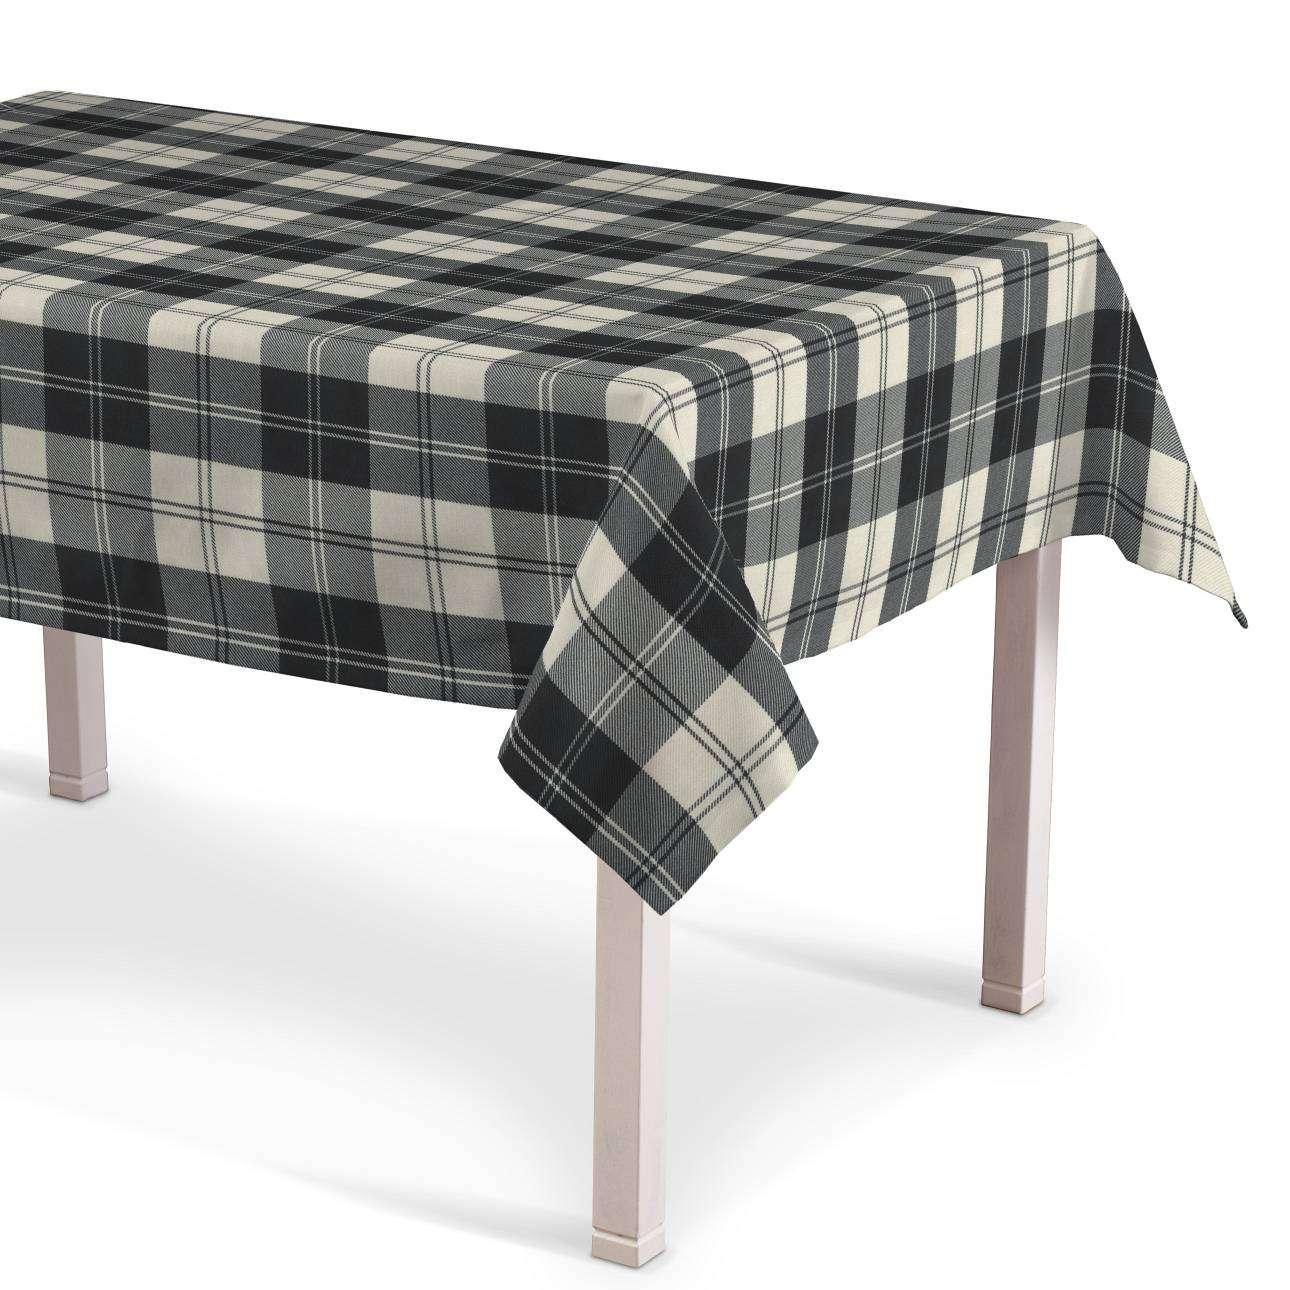 Asztalterítő téglalap alakú a kollekcióból Edinburgh Bútorszövet, Dekoranyag: 115-74